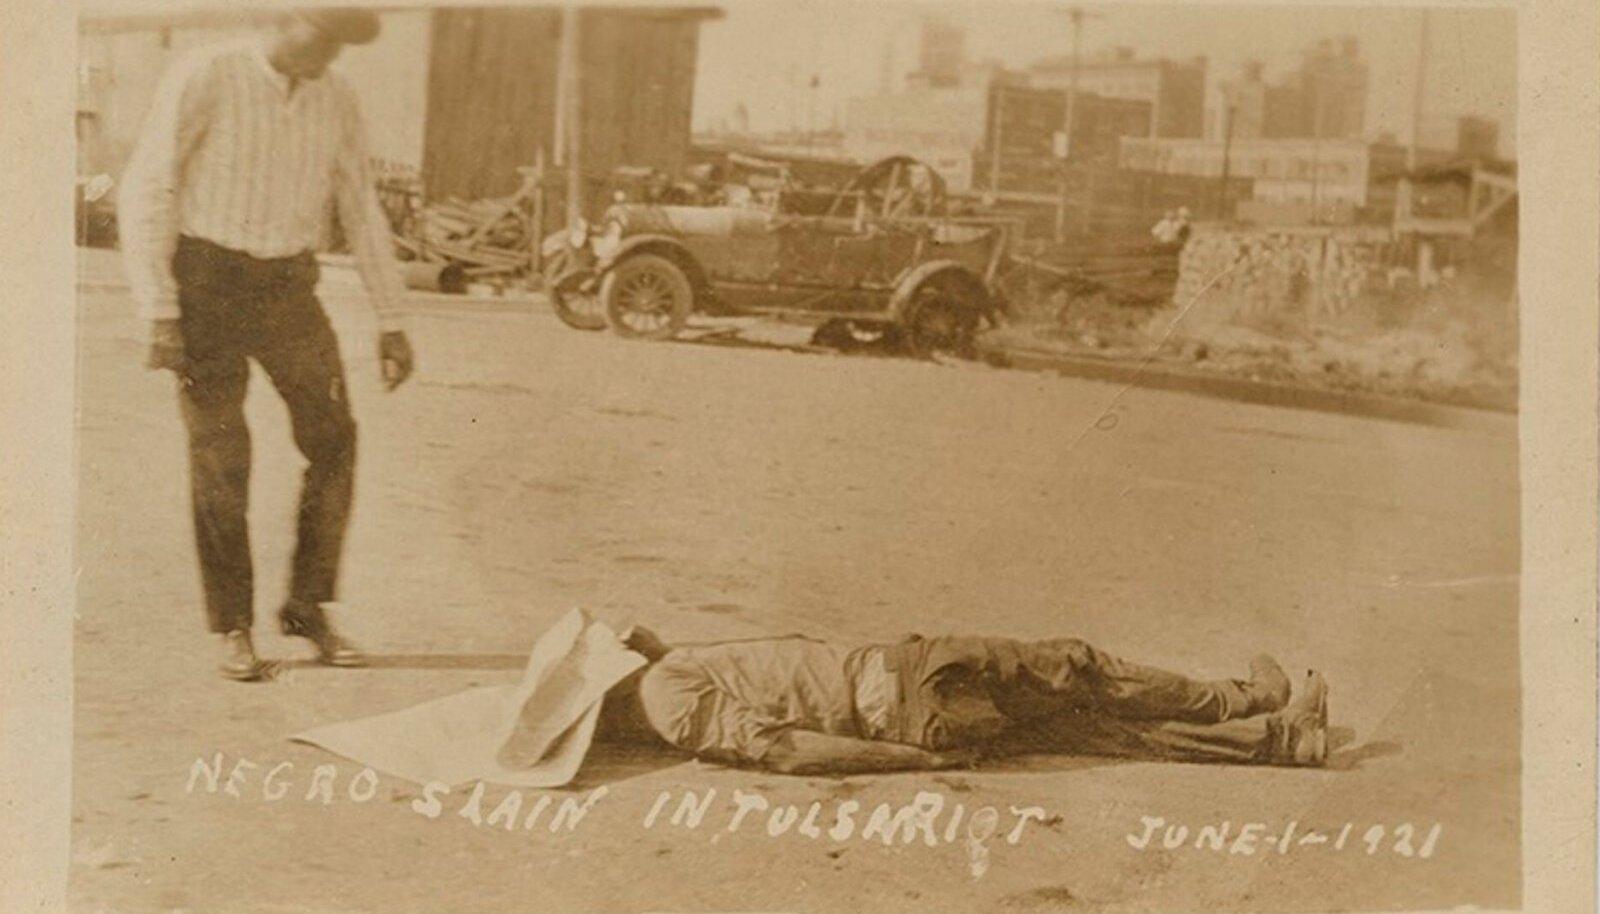 Tulsa veresauna motiividega postkaardid olid USA rassistlike valgete seas populaarsed suveniirid (foto: Wikimedia Commons)